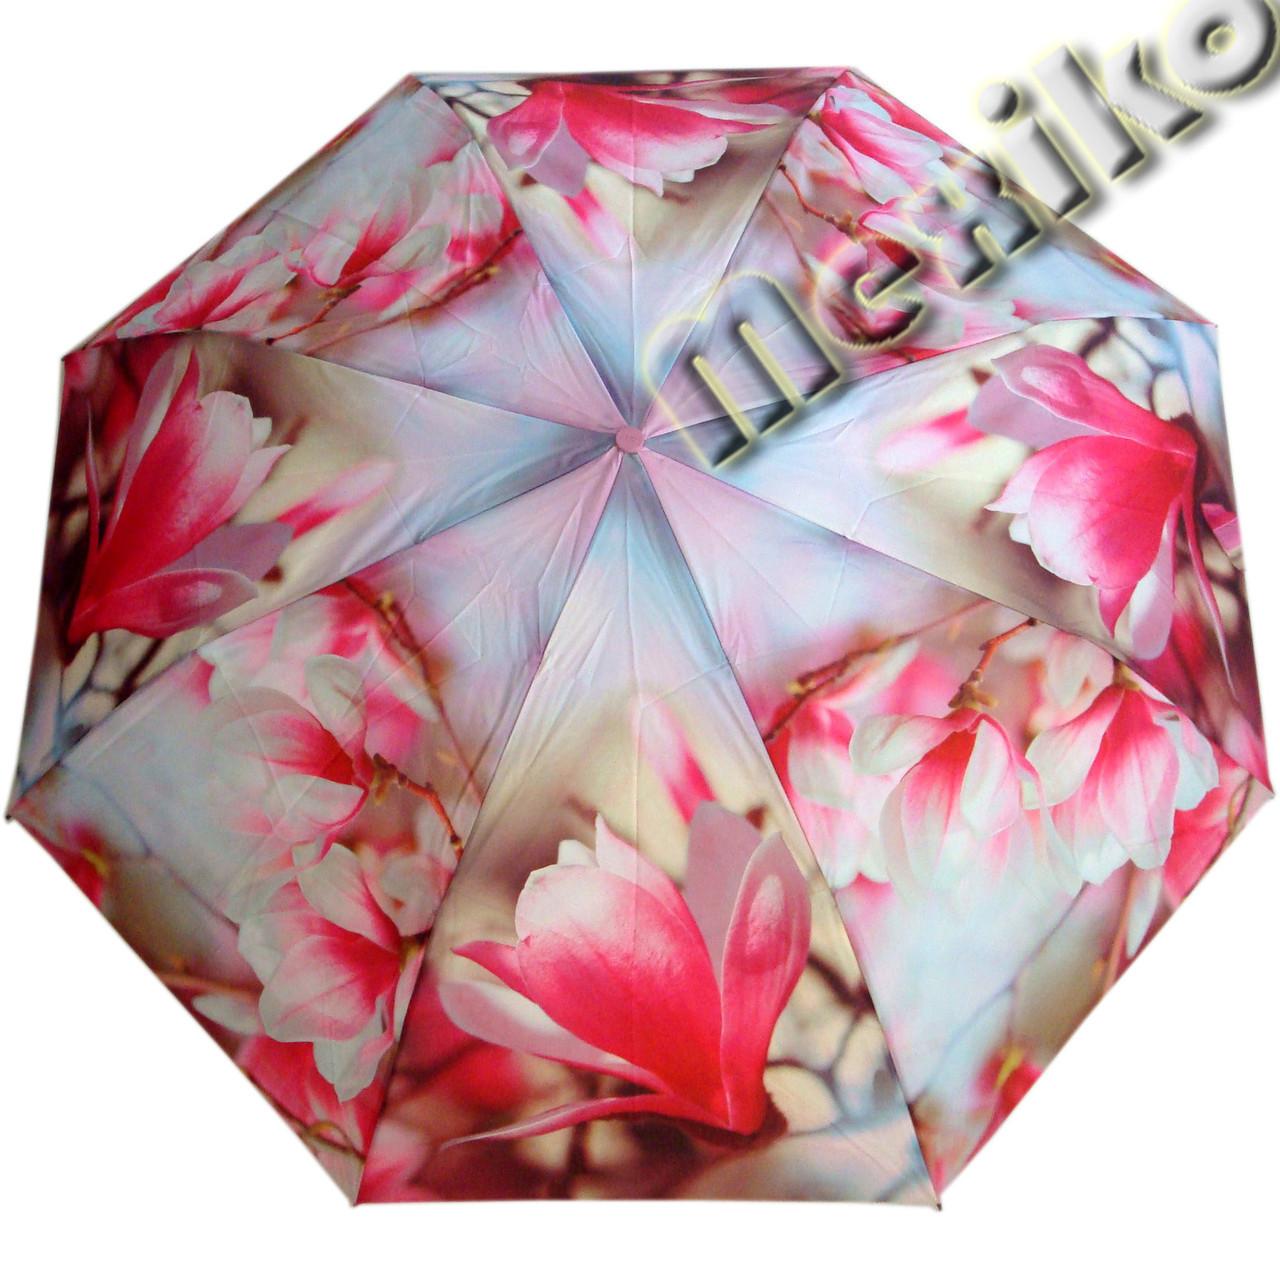 Компактный женский зонт ZEST 4 сложения  полуавтомат серия Фото, расцветка Цветок Сакуры